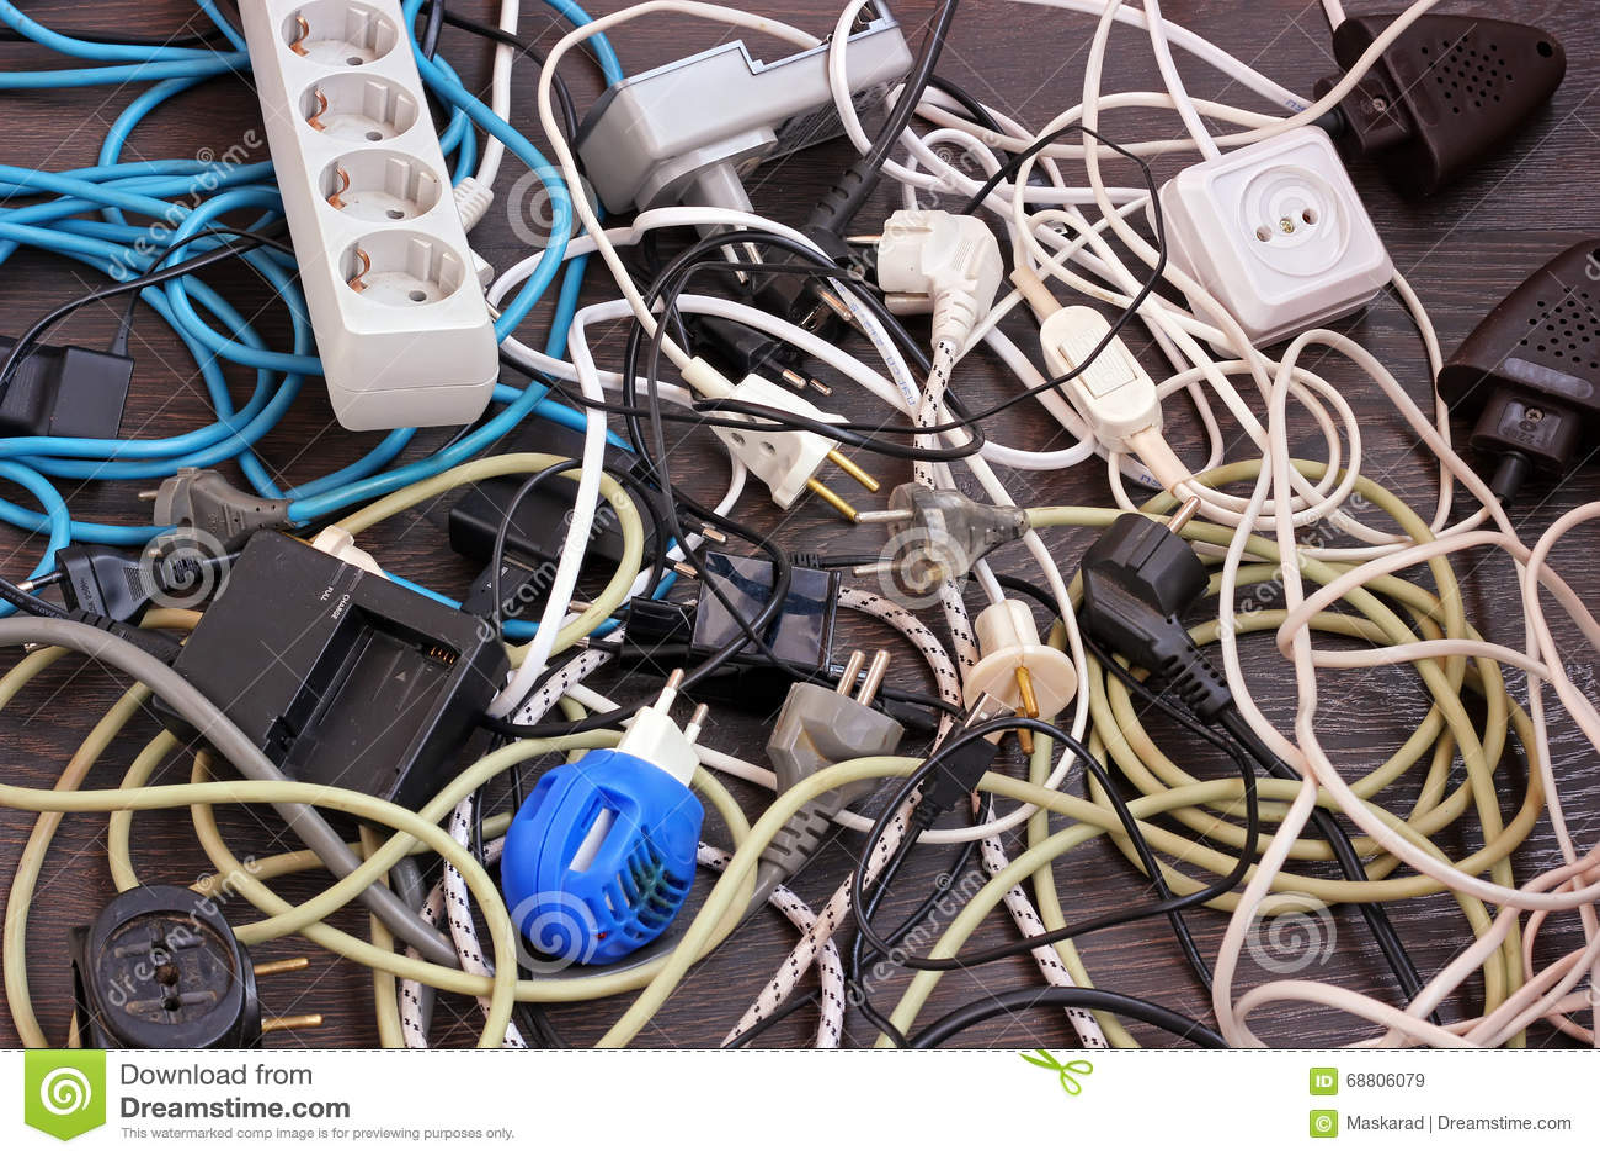 Ziemlich Vektor Elektrische Kabel Drähte Bilder - Der Schaltplan ...